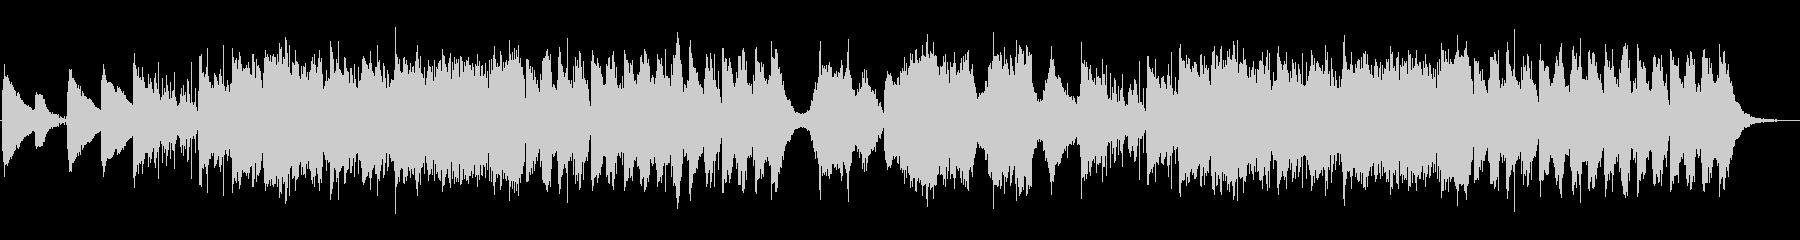 ピアノチェロ・回想シーン・雨の日の散策の未再生の波形